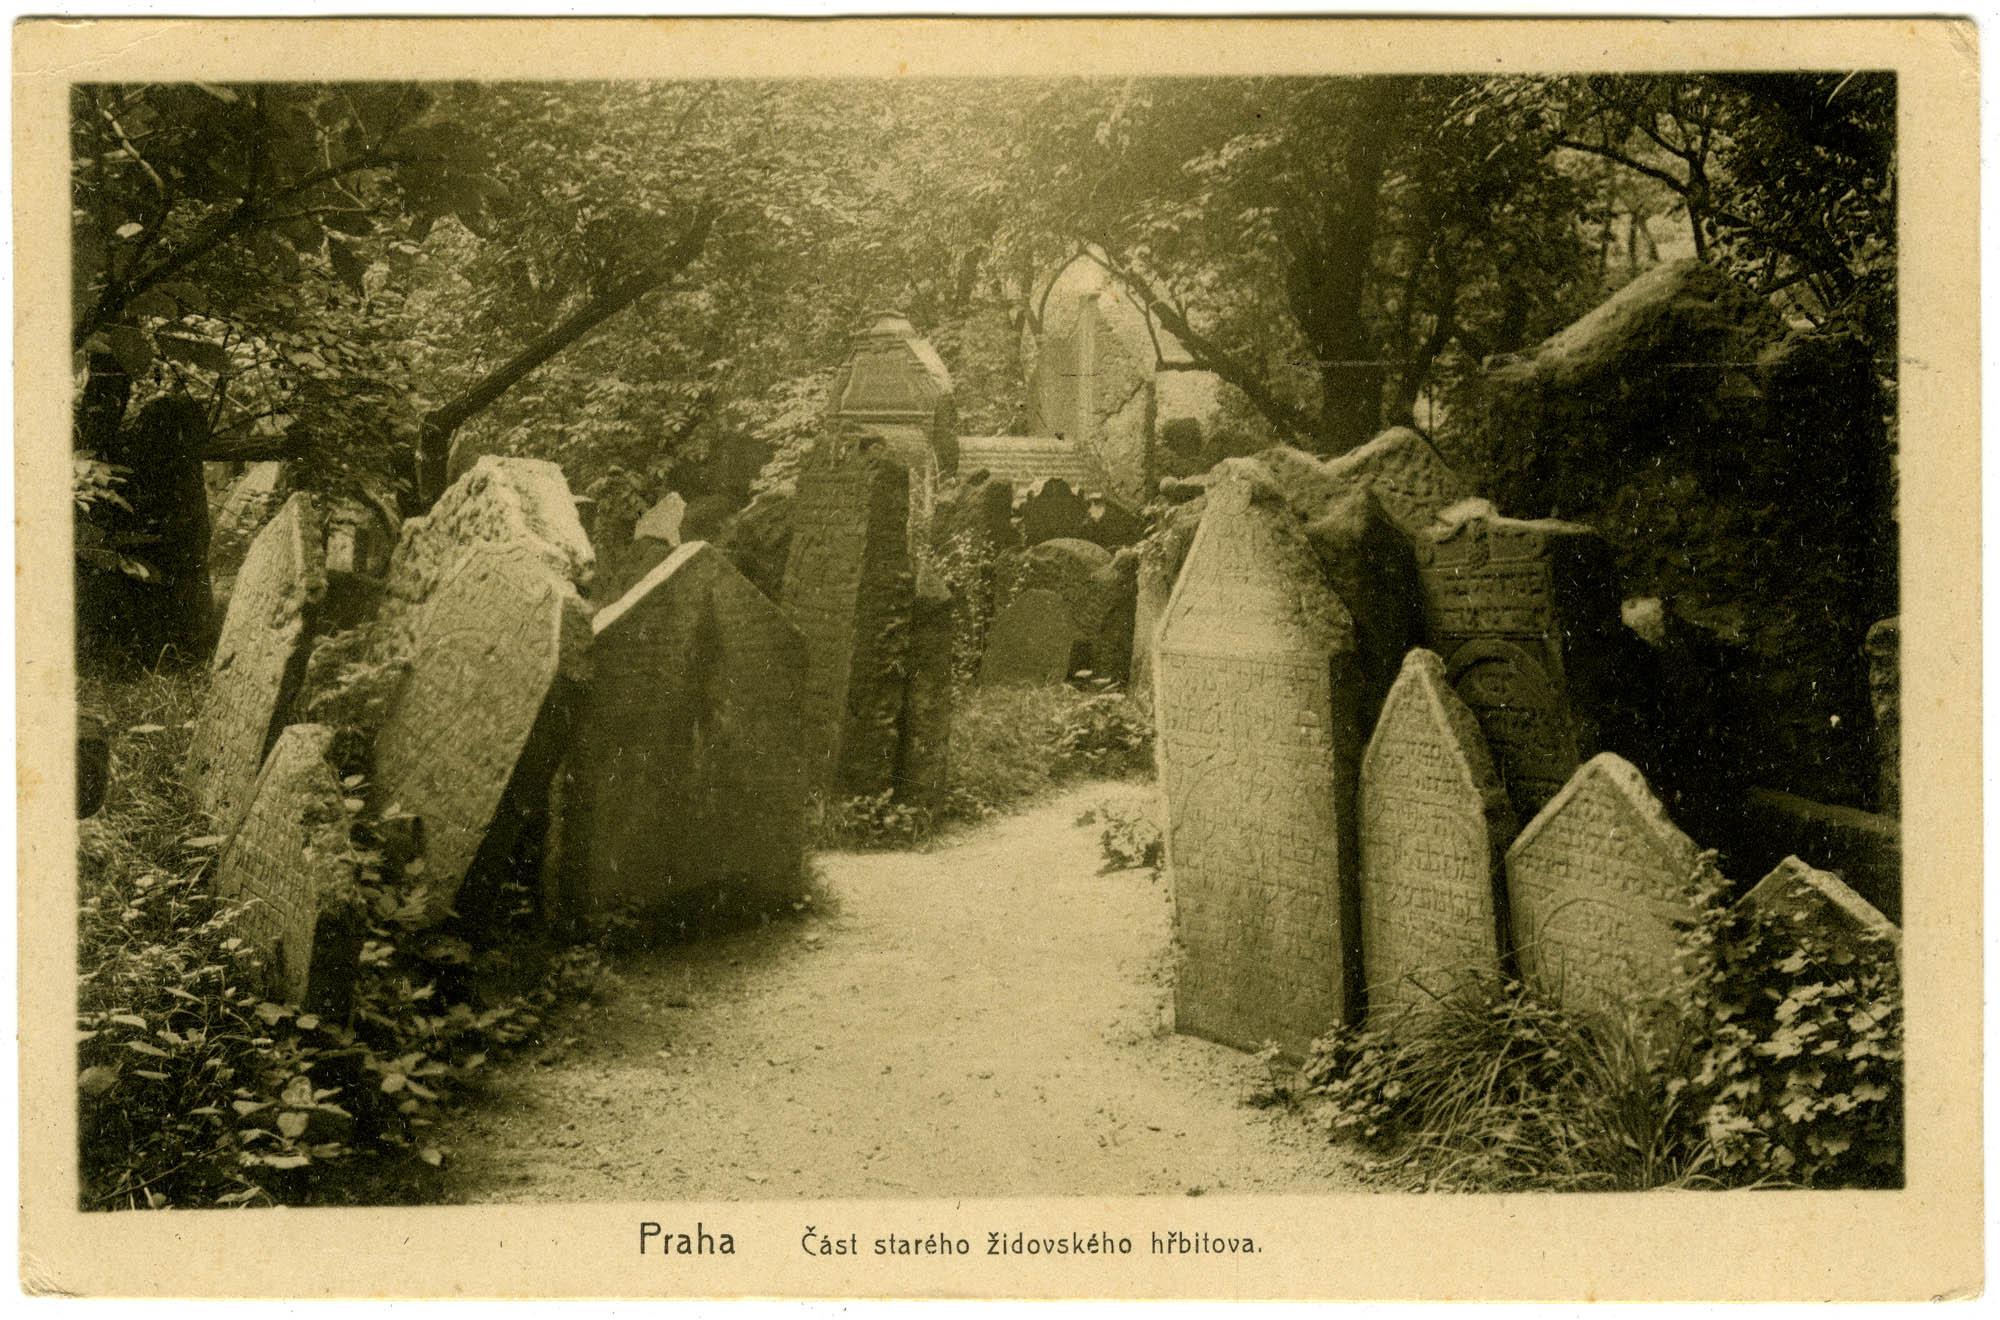 Praha, Část starého židovského hřbitova